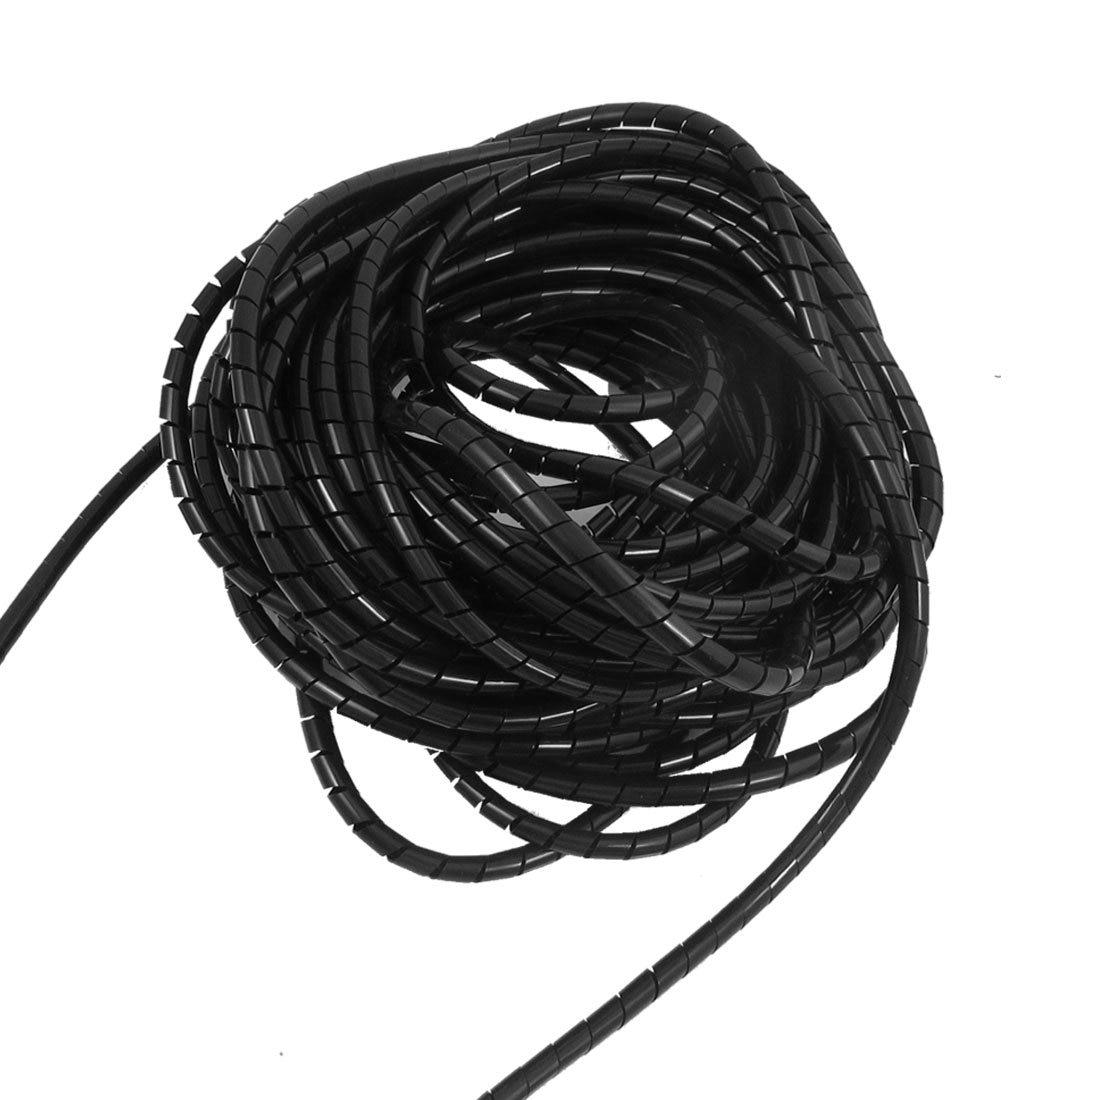 THGS-6mm Outside Dia 6.4M PE Polyethylene Spiral Cable Wire Wrap Tube Black 11m long flexible black pe polyethylene spiral cable wire wrap tube 8mm